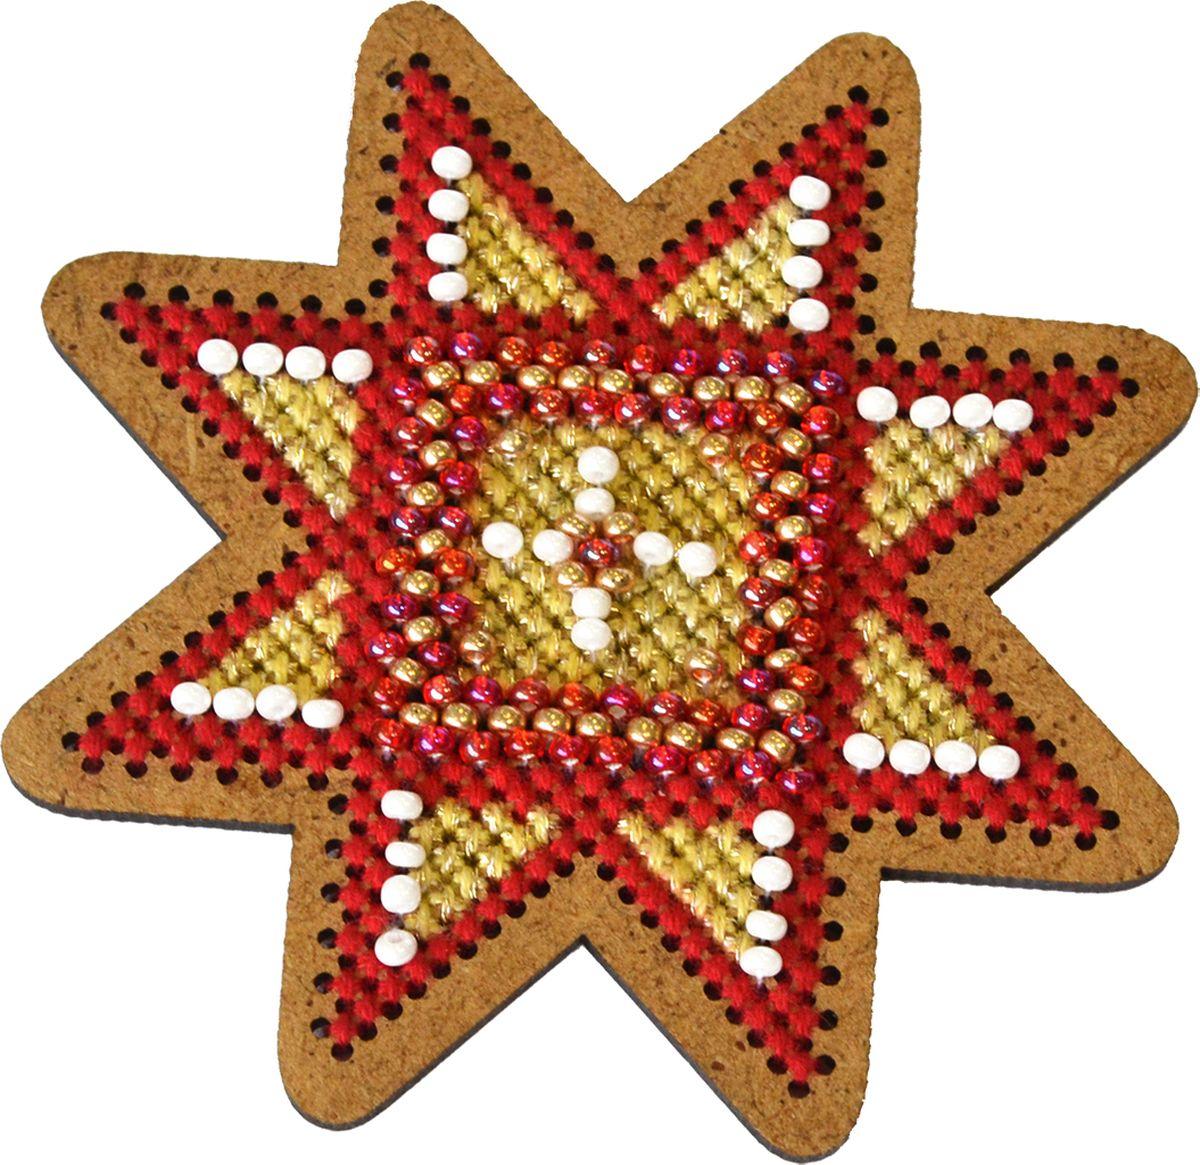 Набор для вышивания крестом Созвездие Новогодняя игрушка. Золотая звезда, 7,5 х 7,5 см набор для вышивания крестом rto загадай желание 20 х 26 см